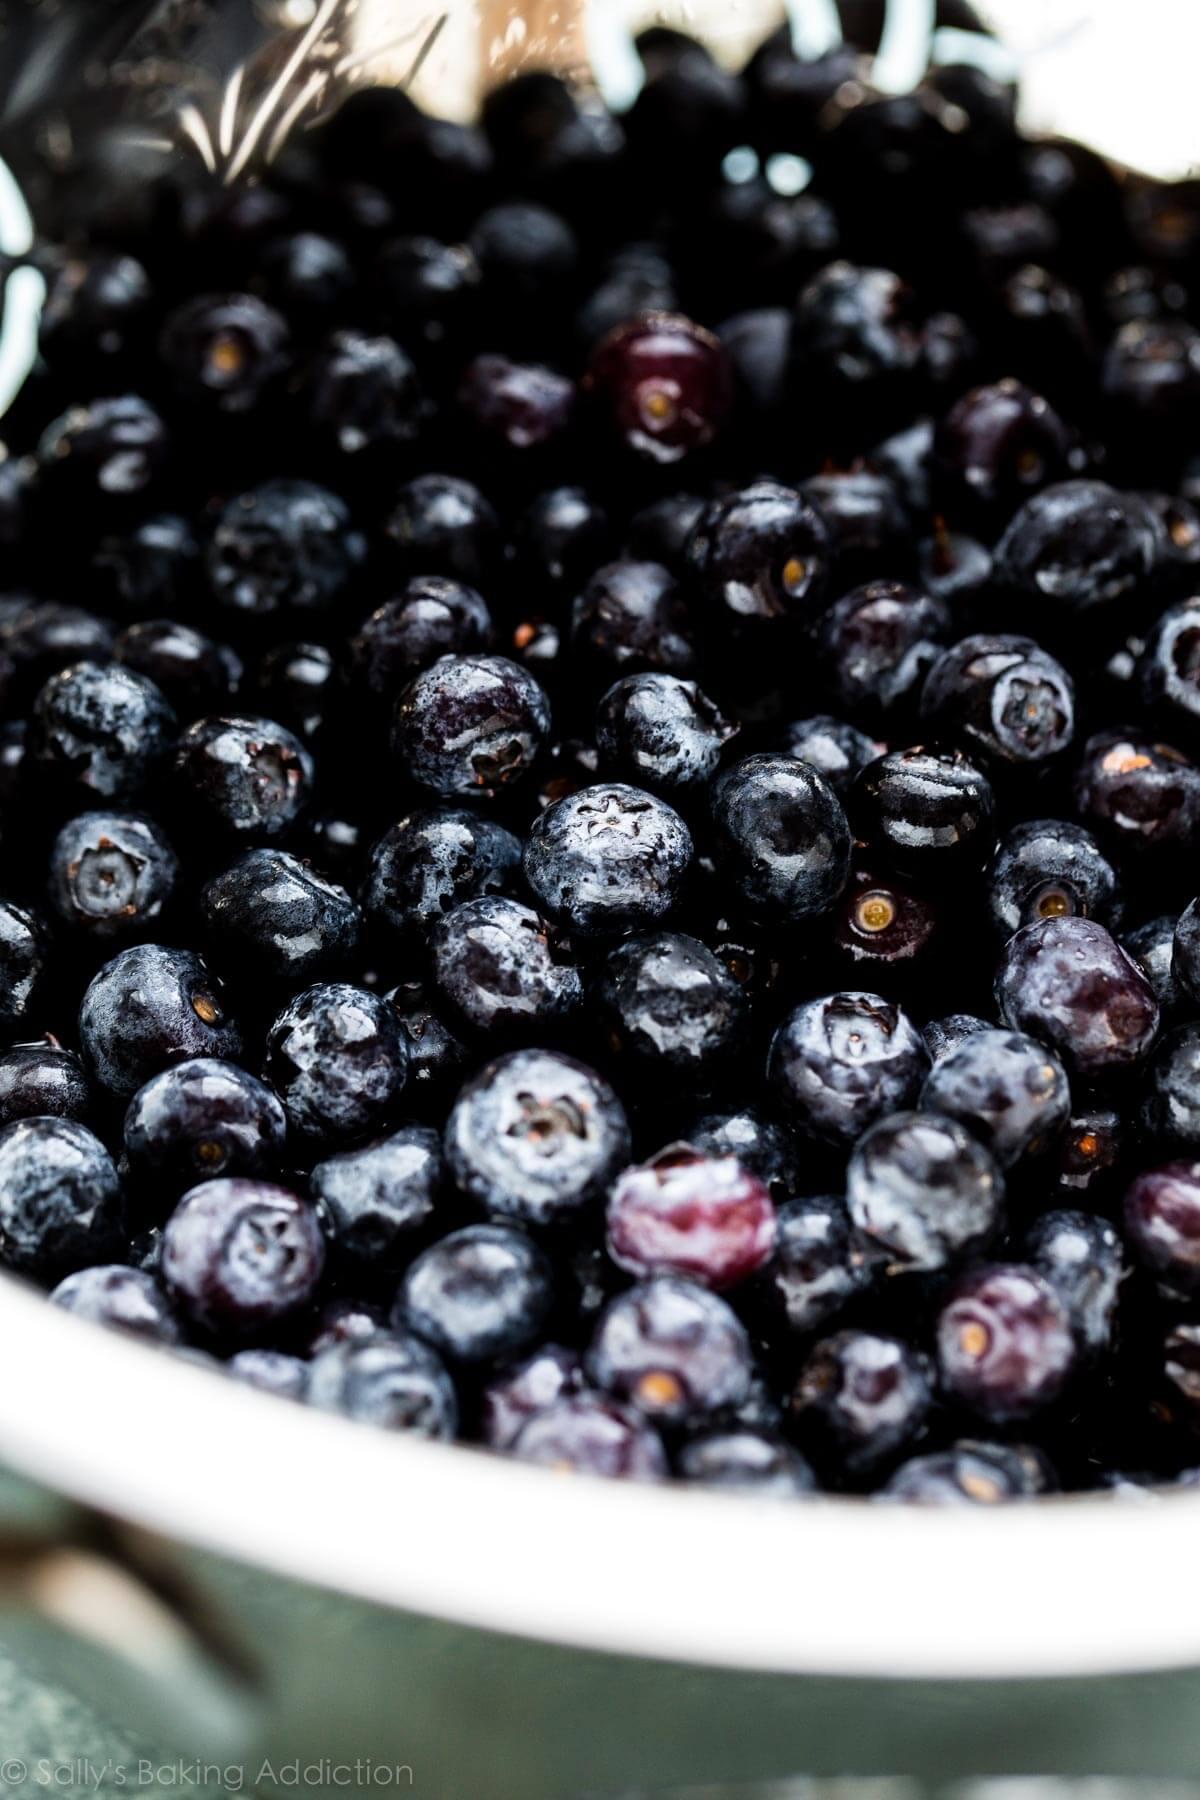 Blueberries for blueberry lemon icebox cake on sallysbakingaddiction.com